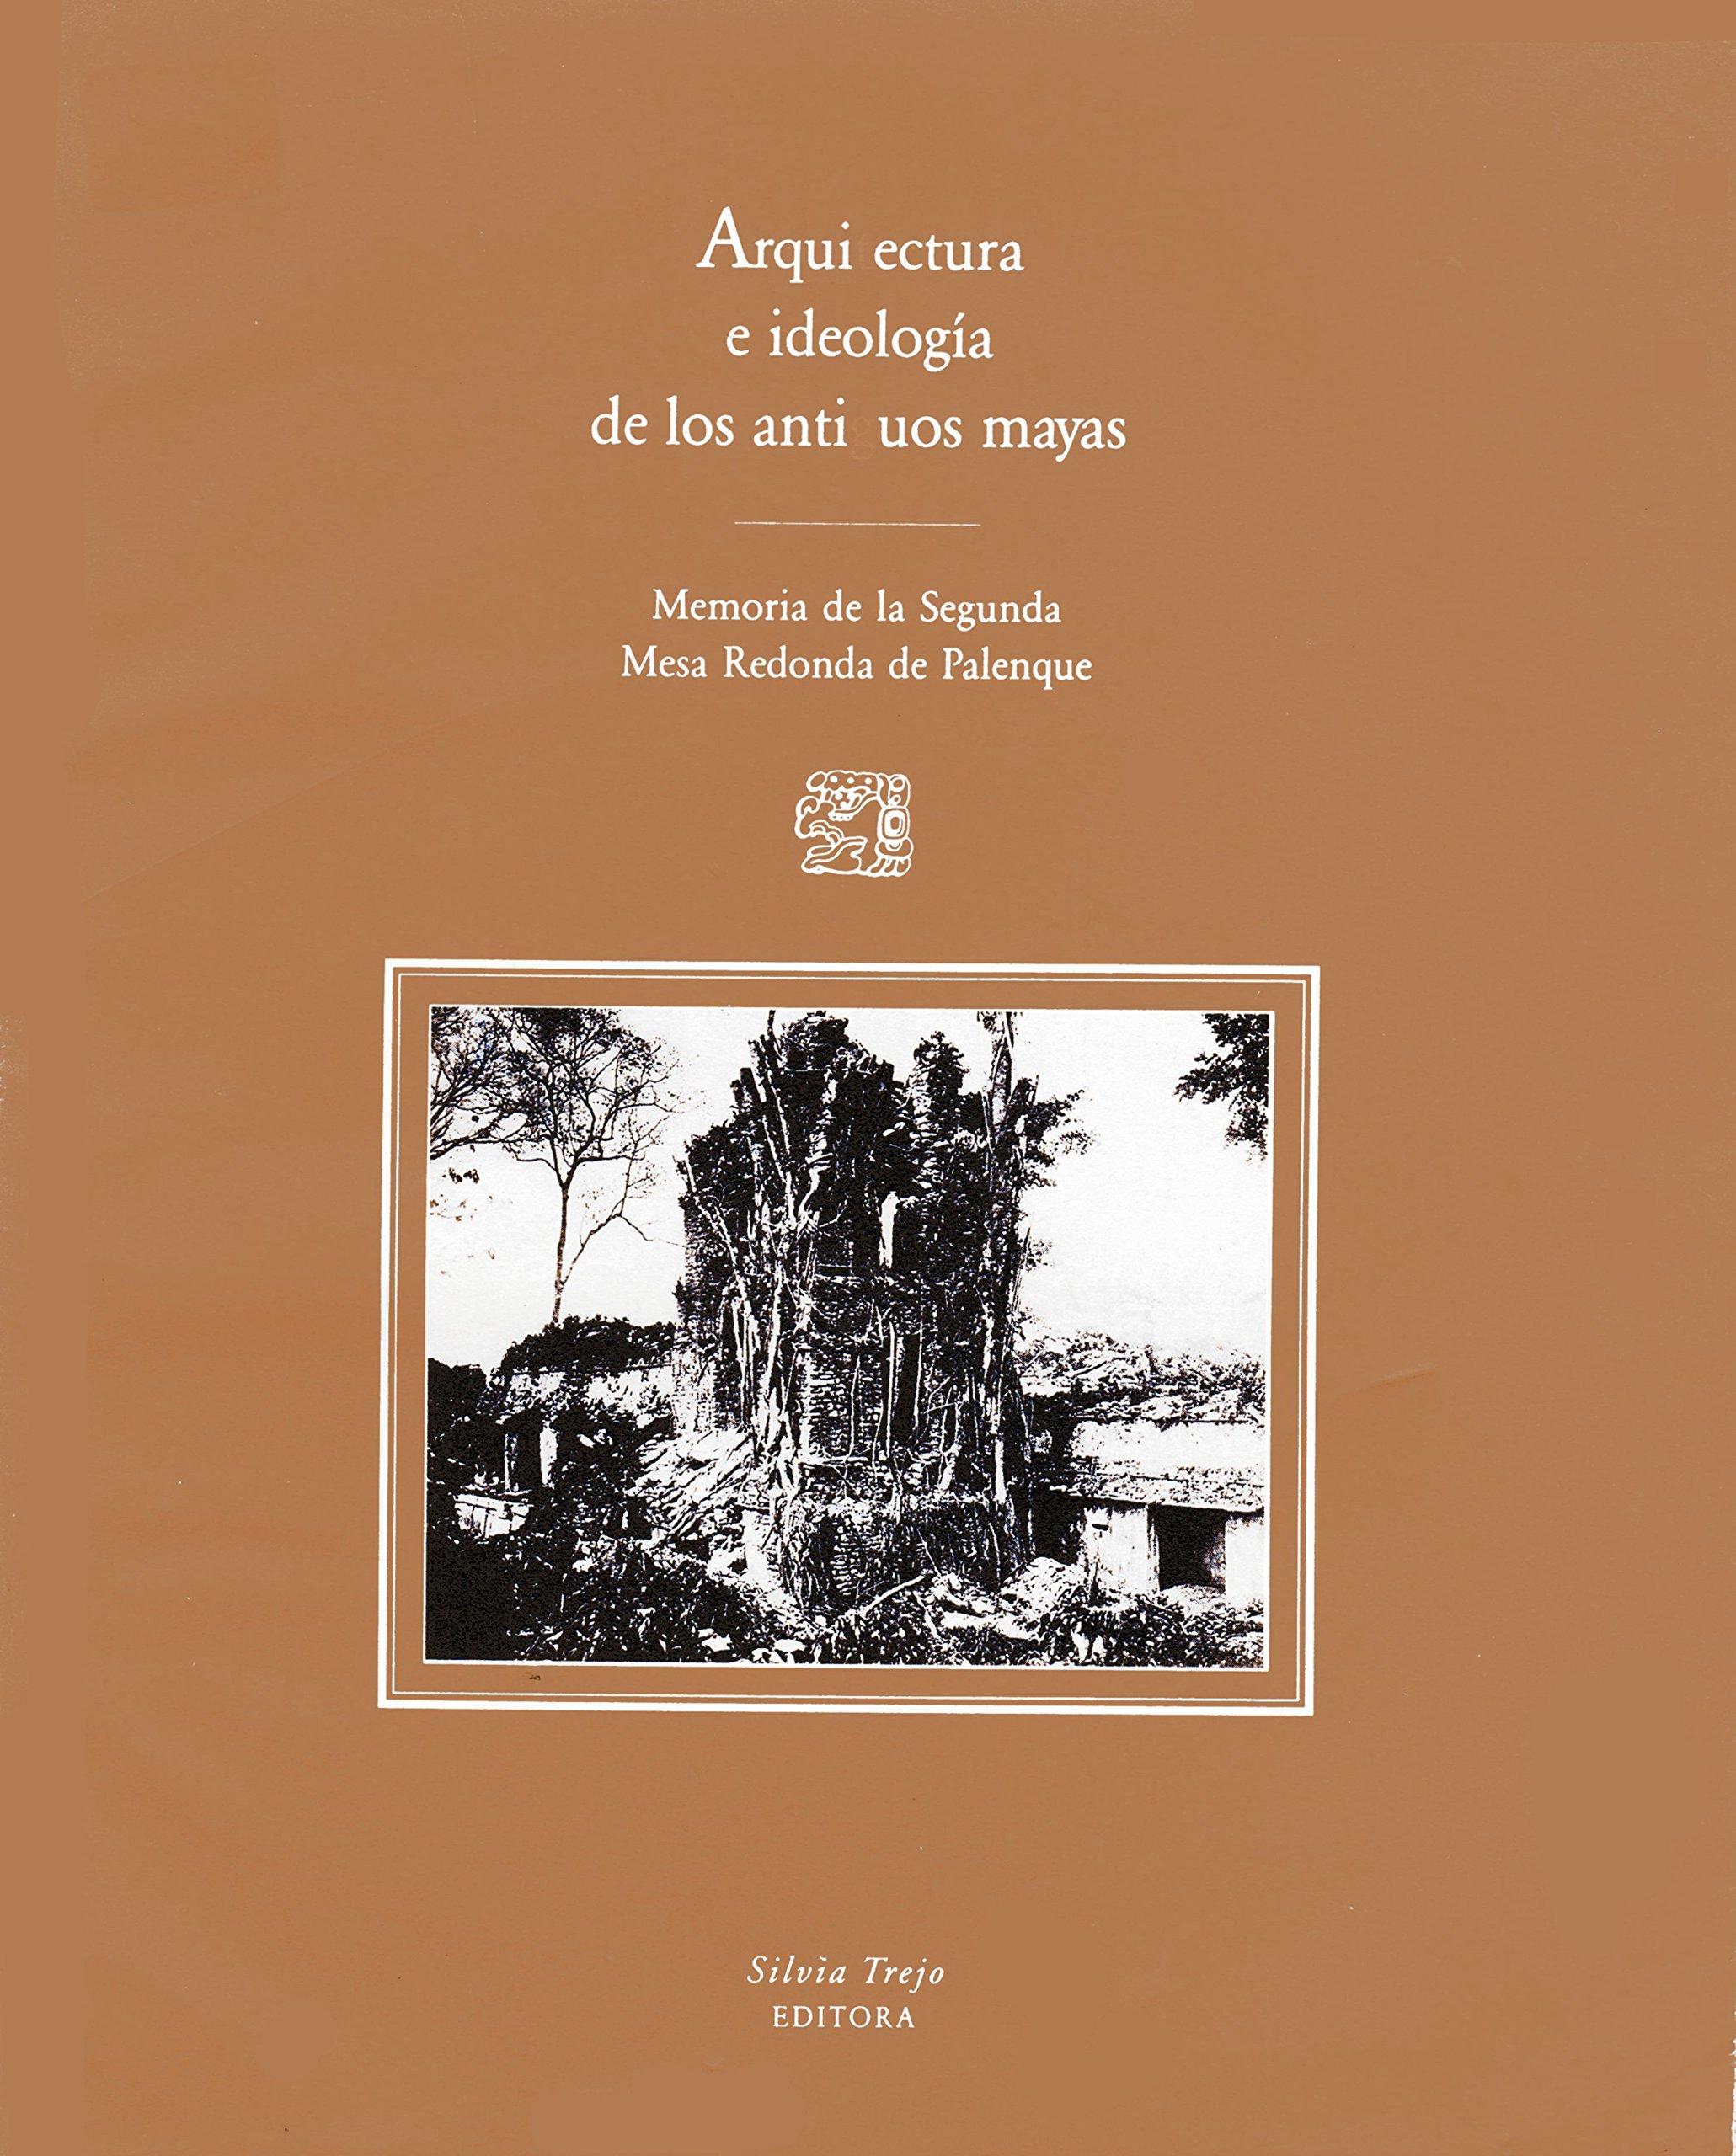 Arquitectura e ideología de los antiguos mayas: Memoria de la Segunda Mesa Redonda de Palenque (Spanish Edition)